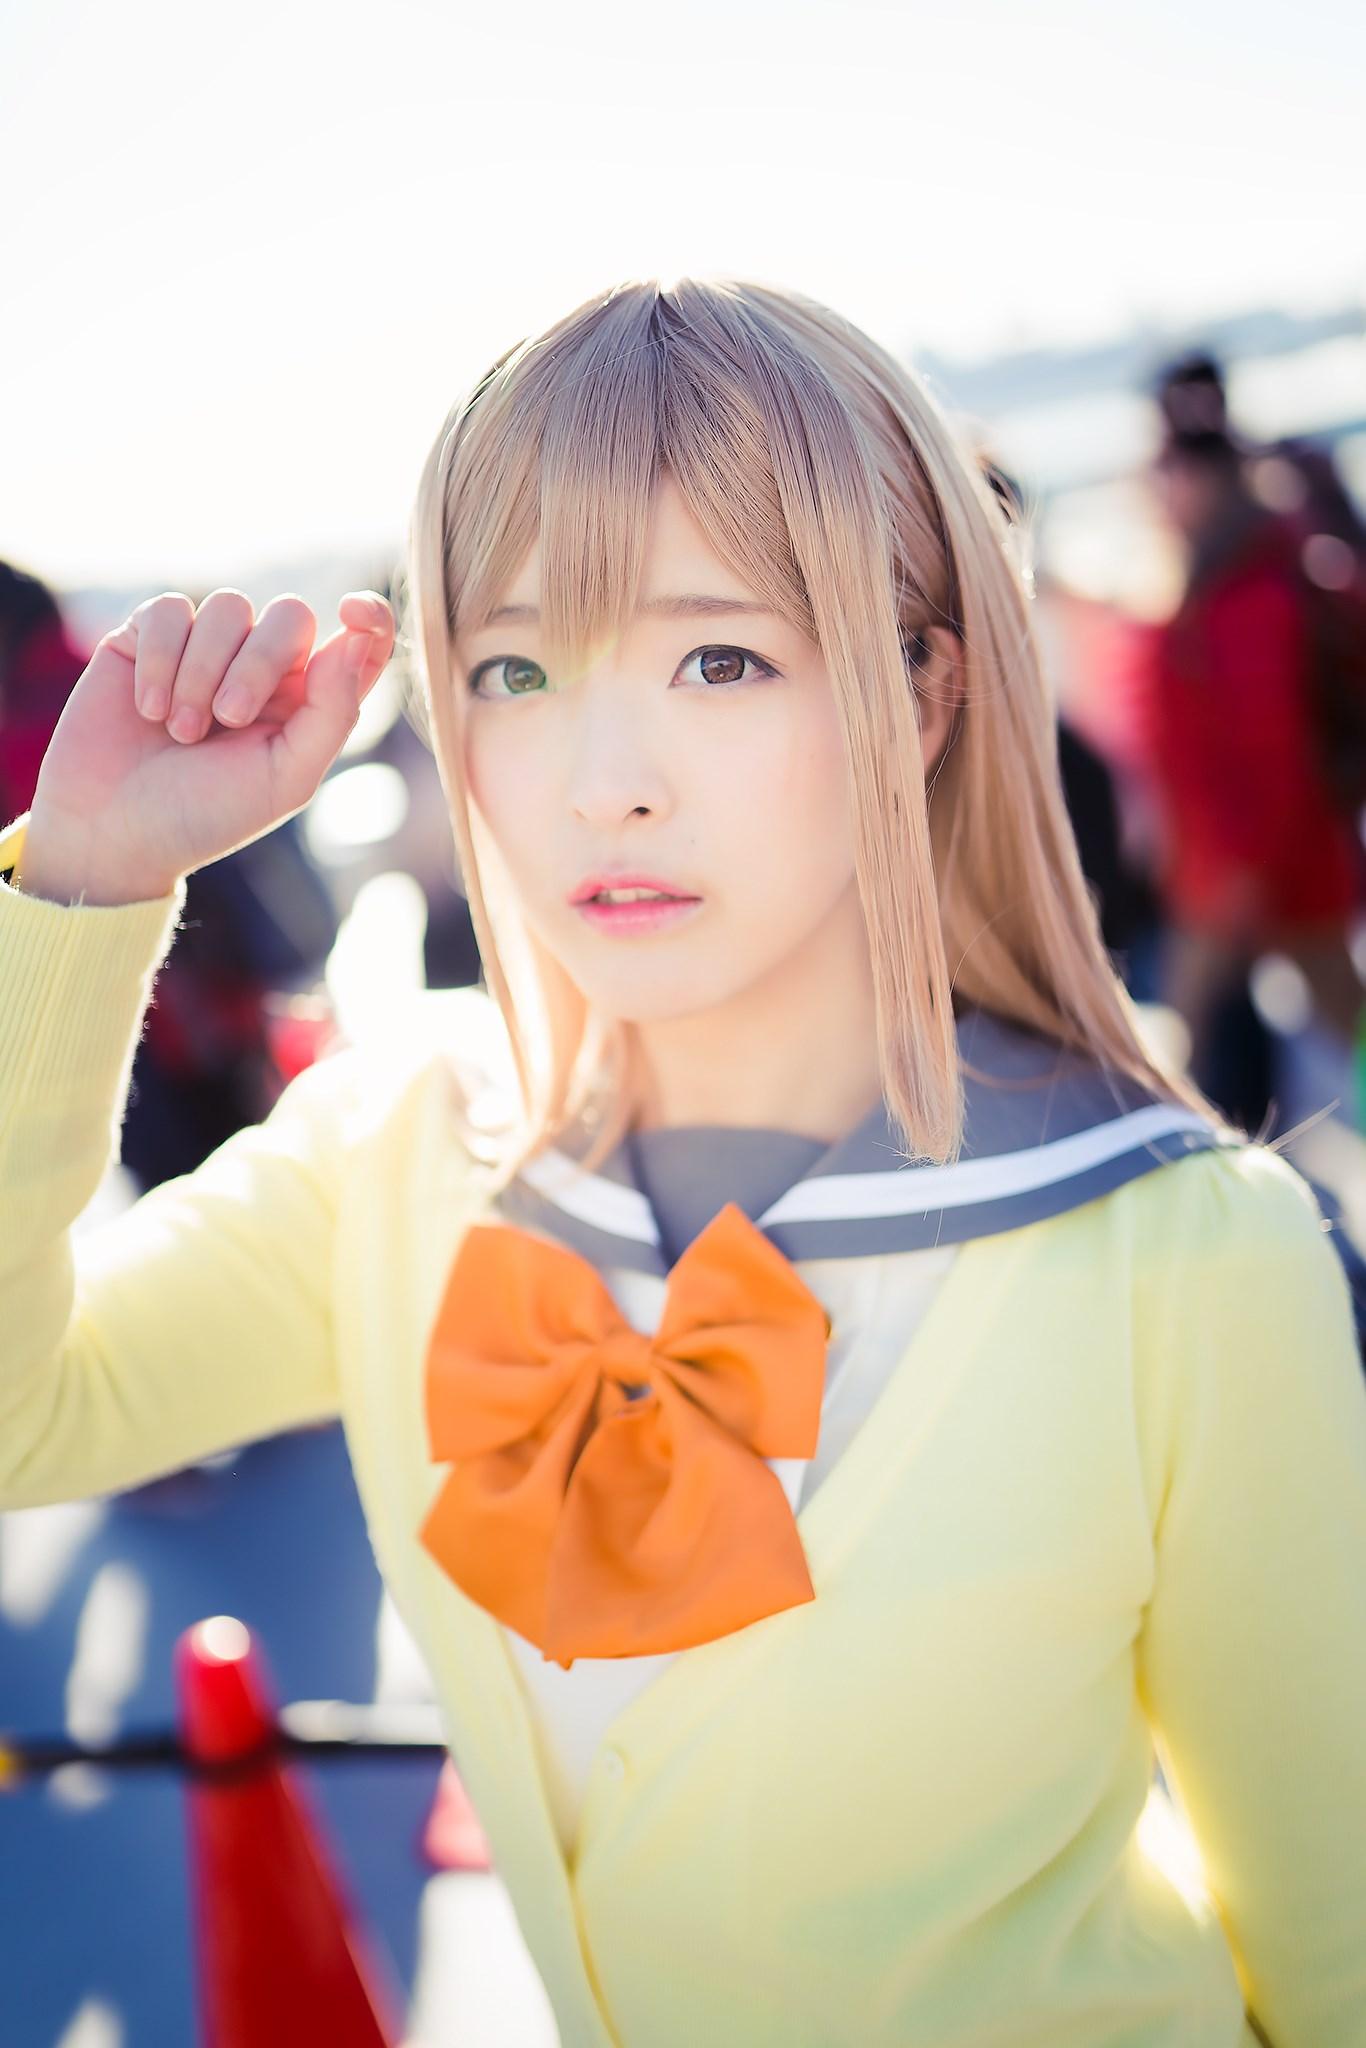 【兔玩映画】阳光与少女 兔玩映画 第13张